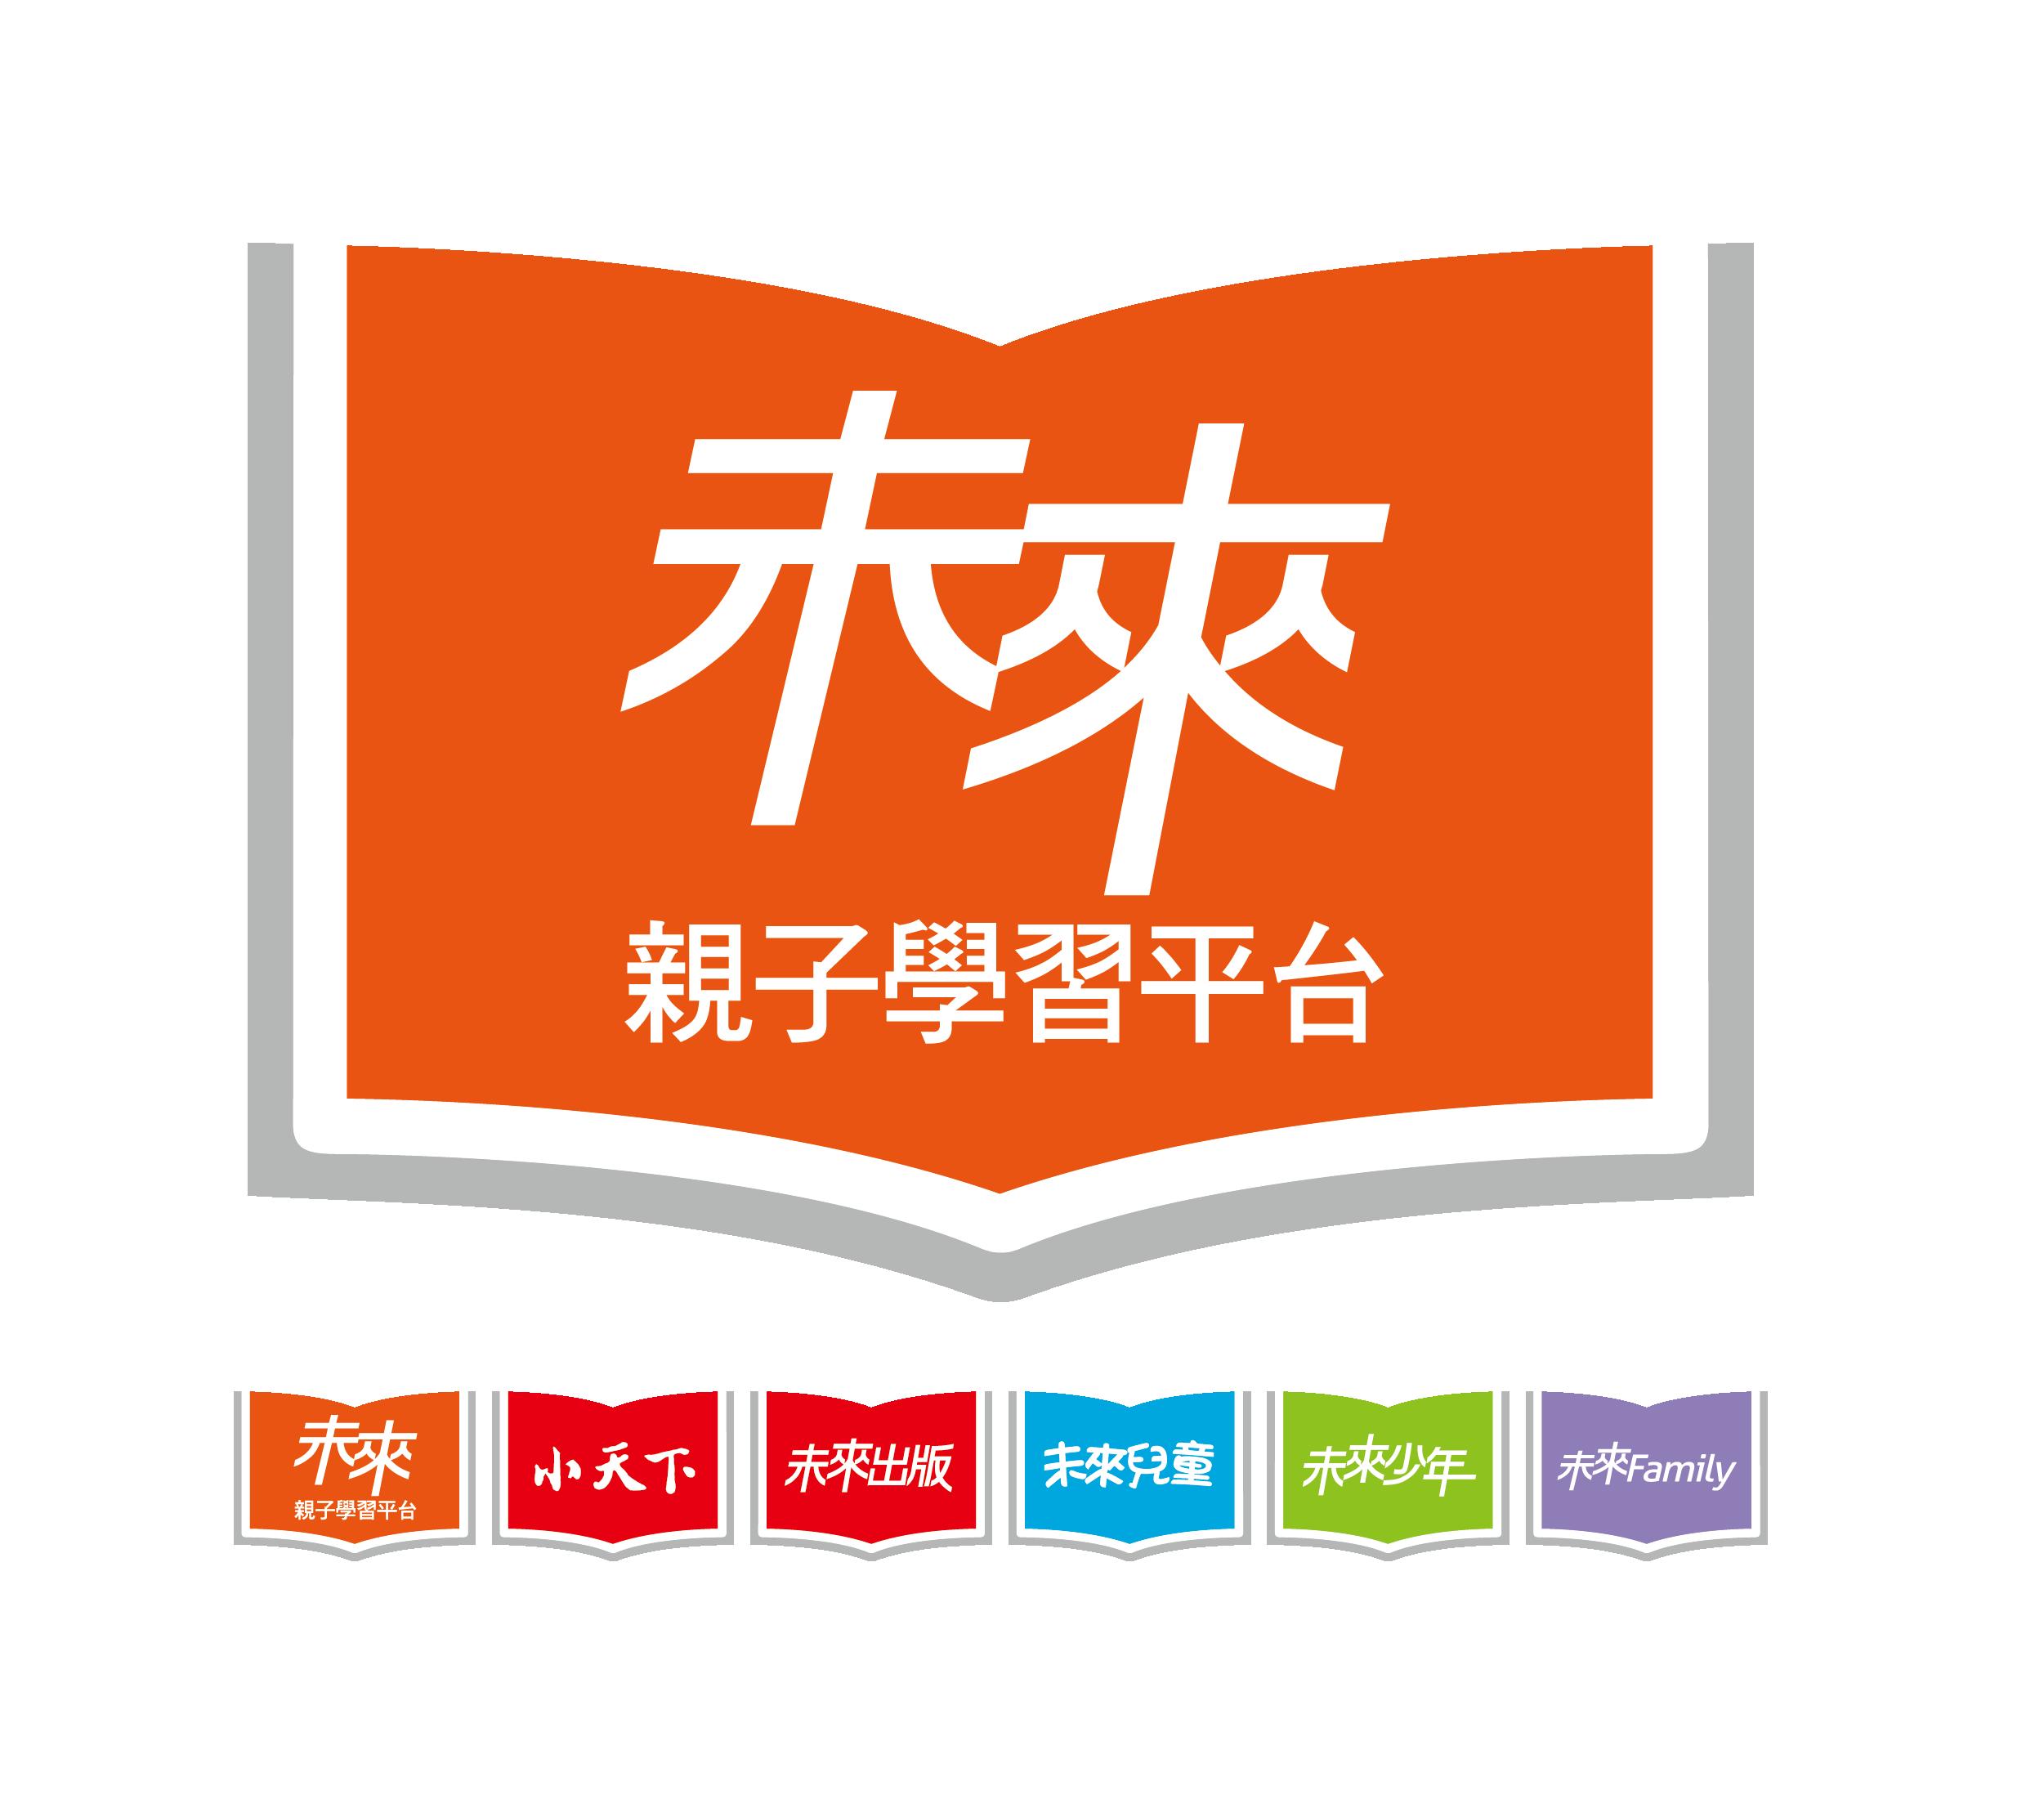 wei_lai_qin_zi_xue_xi_ping_tai_logo1219ok-01.png